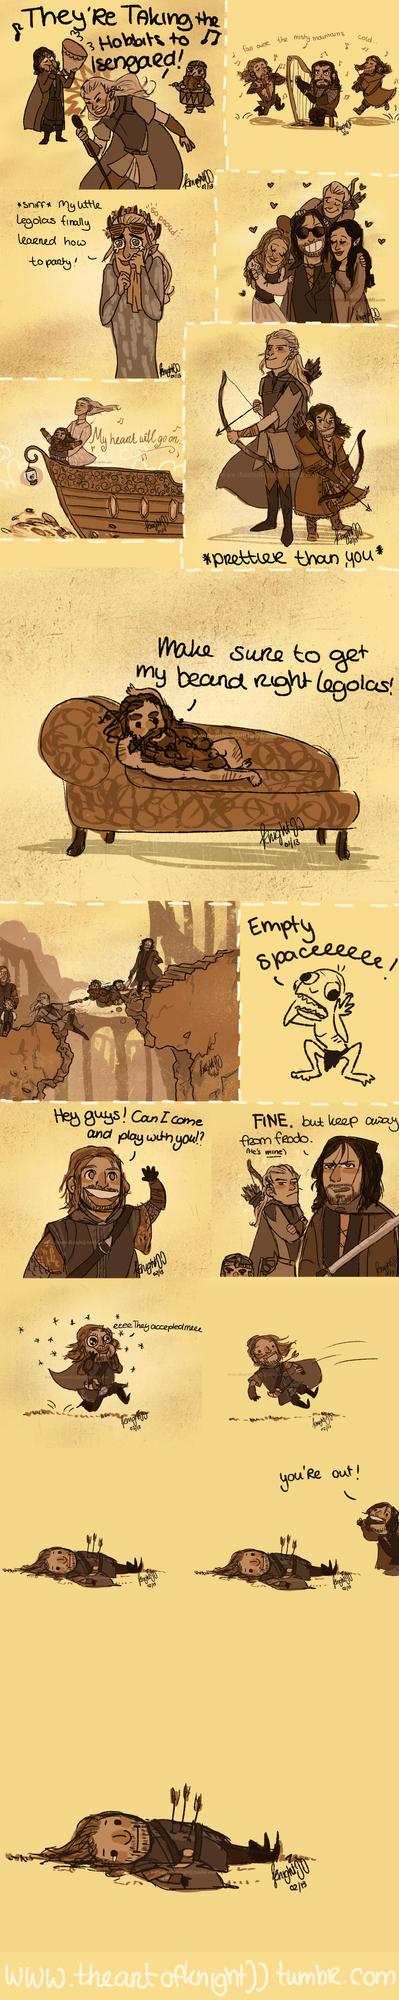 Hobbit/lotr tumblr dump 2! by knightJJ